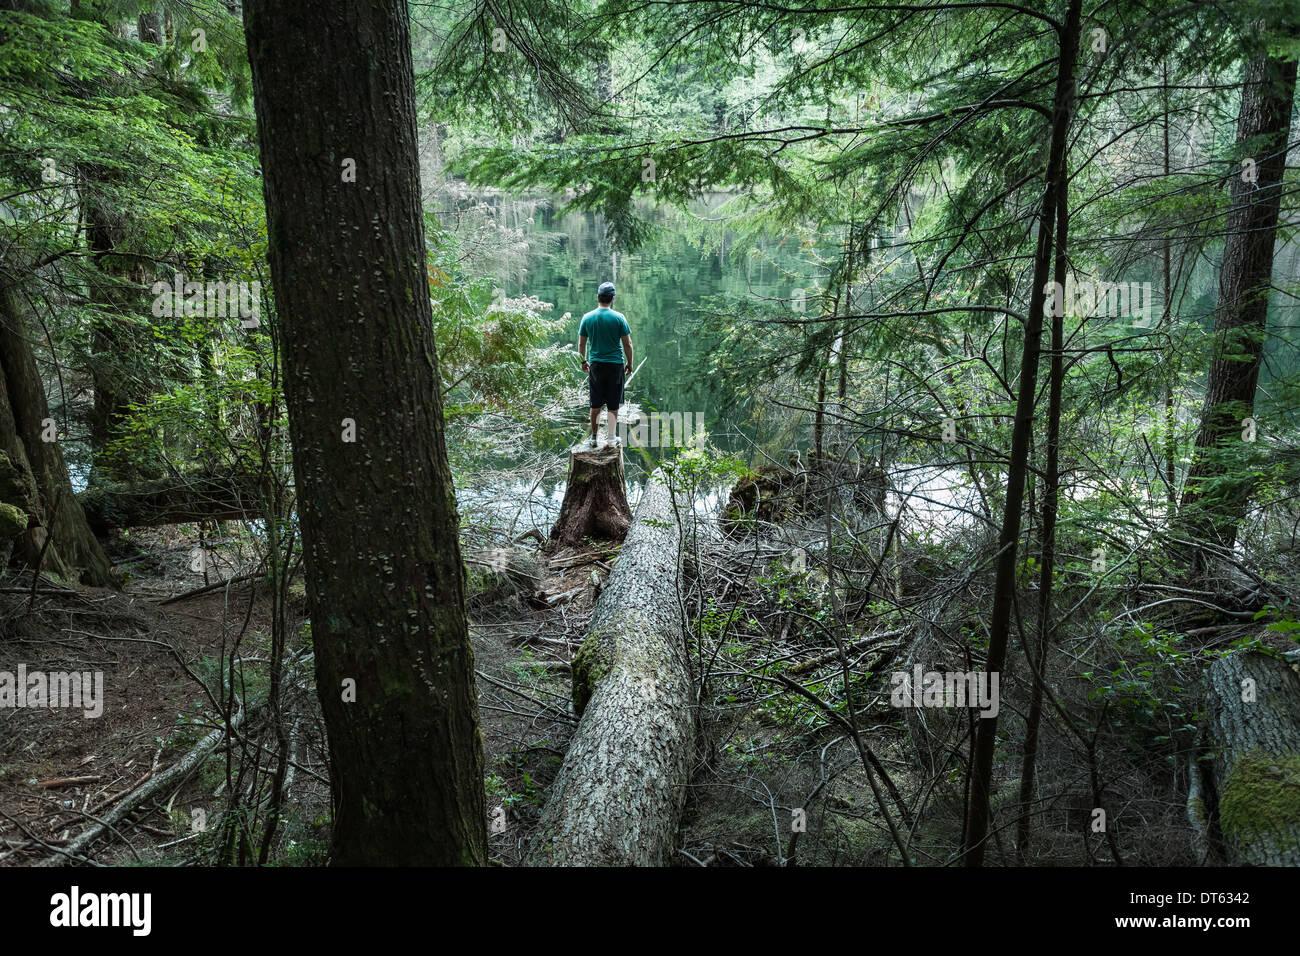 Hombre de pie en el bosque, lago Buntzen, British Columbia, Canadá Imagen De Stock